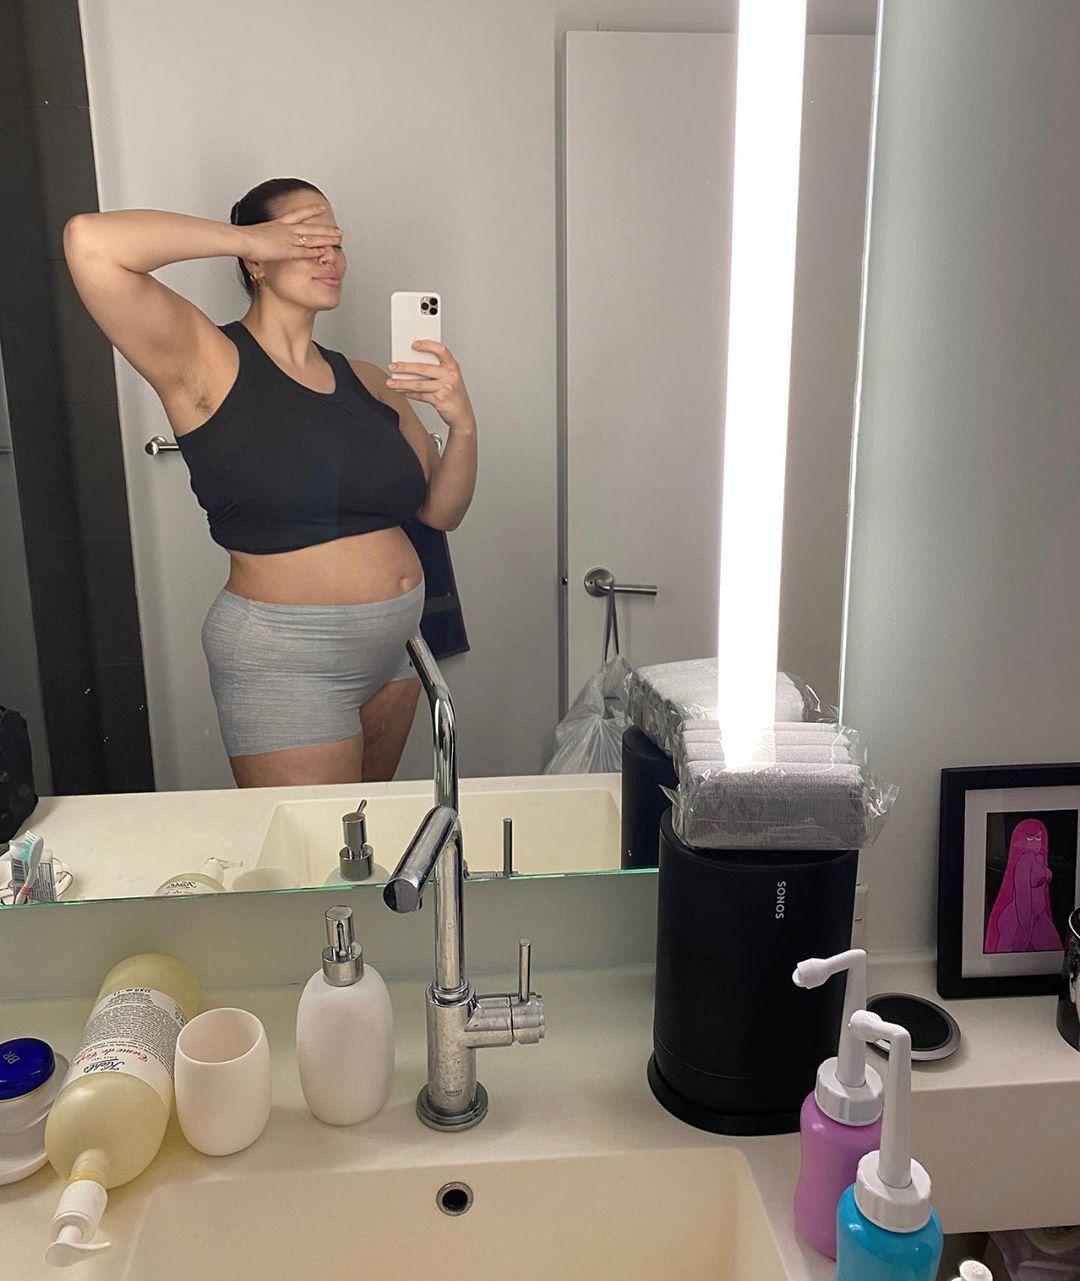 18 января американская plus-size модельЭшли Грэм родила сына / Instagram Эшли Грэм